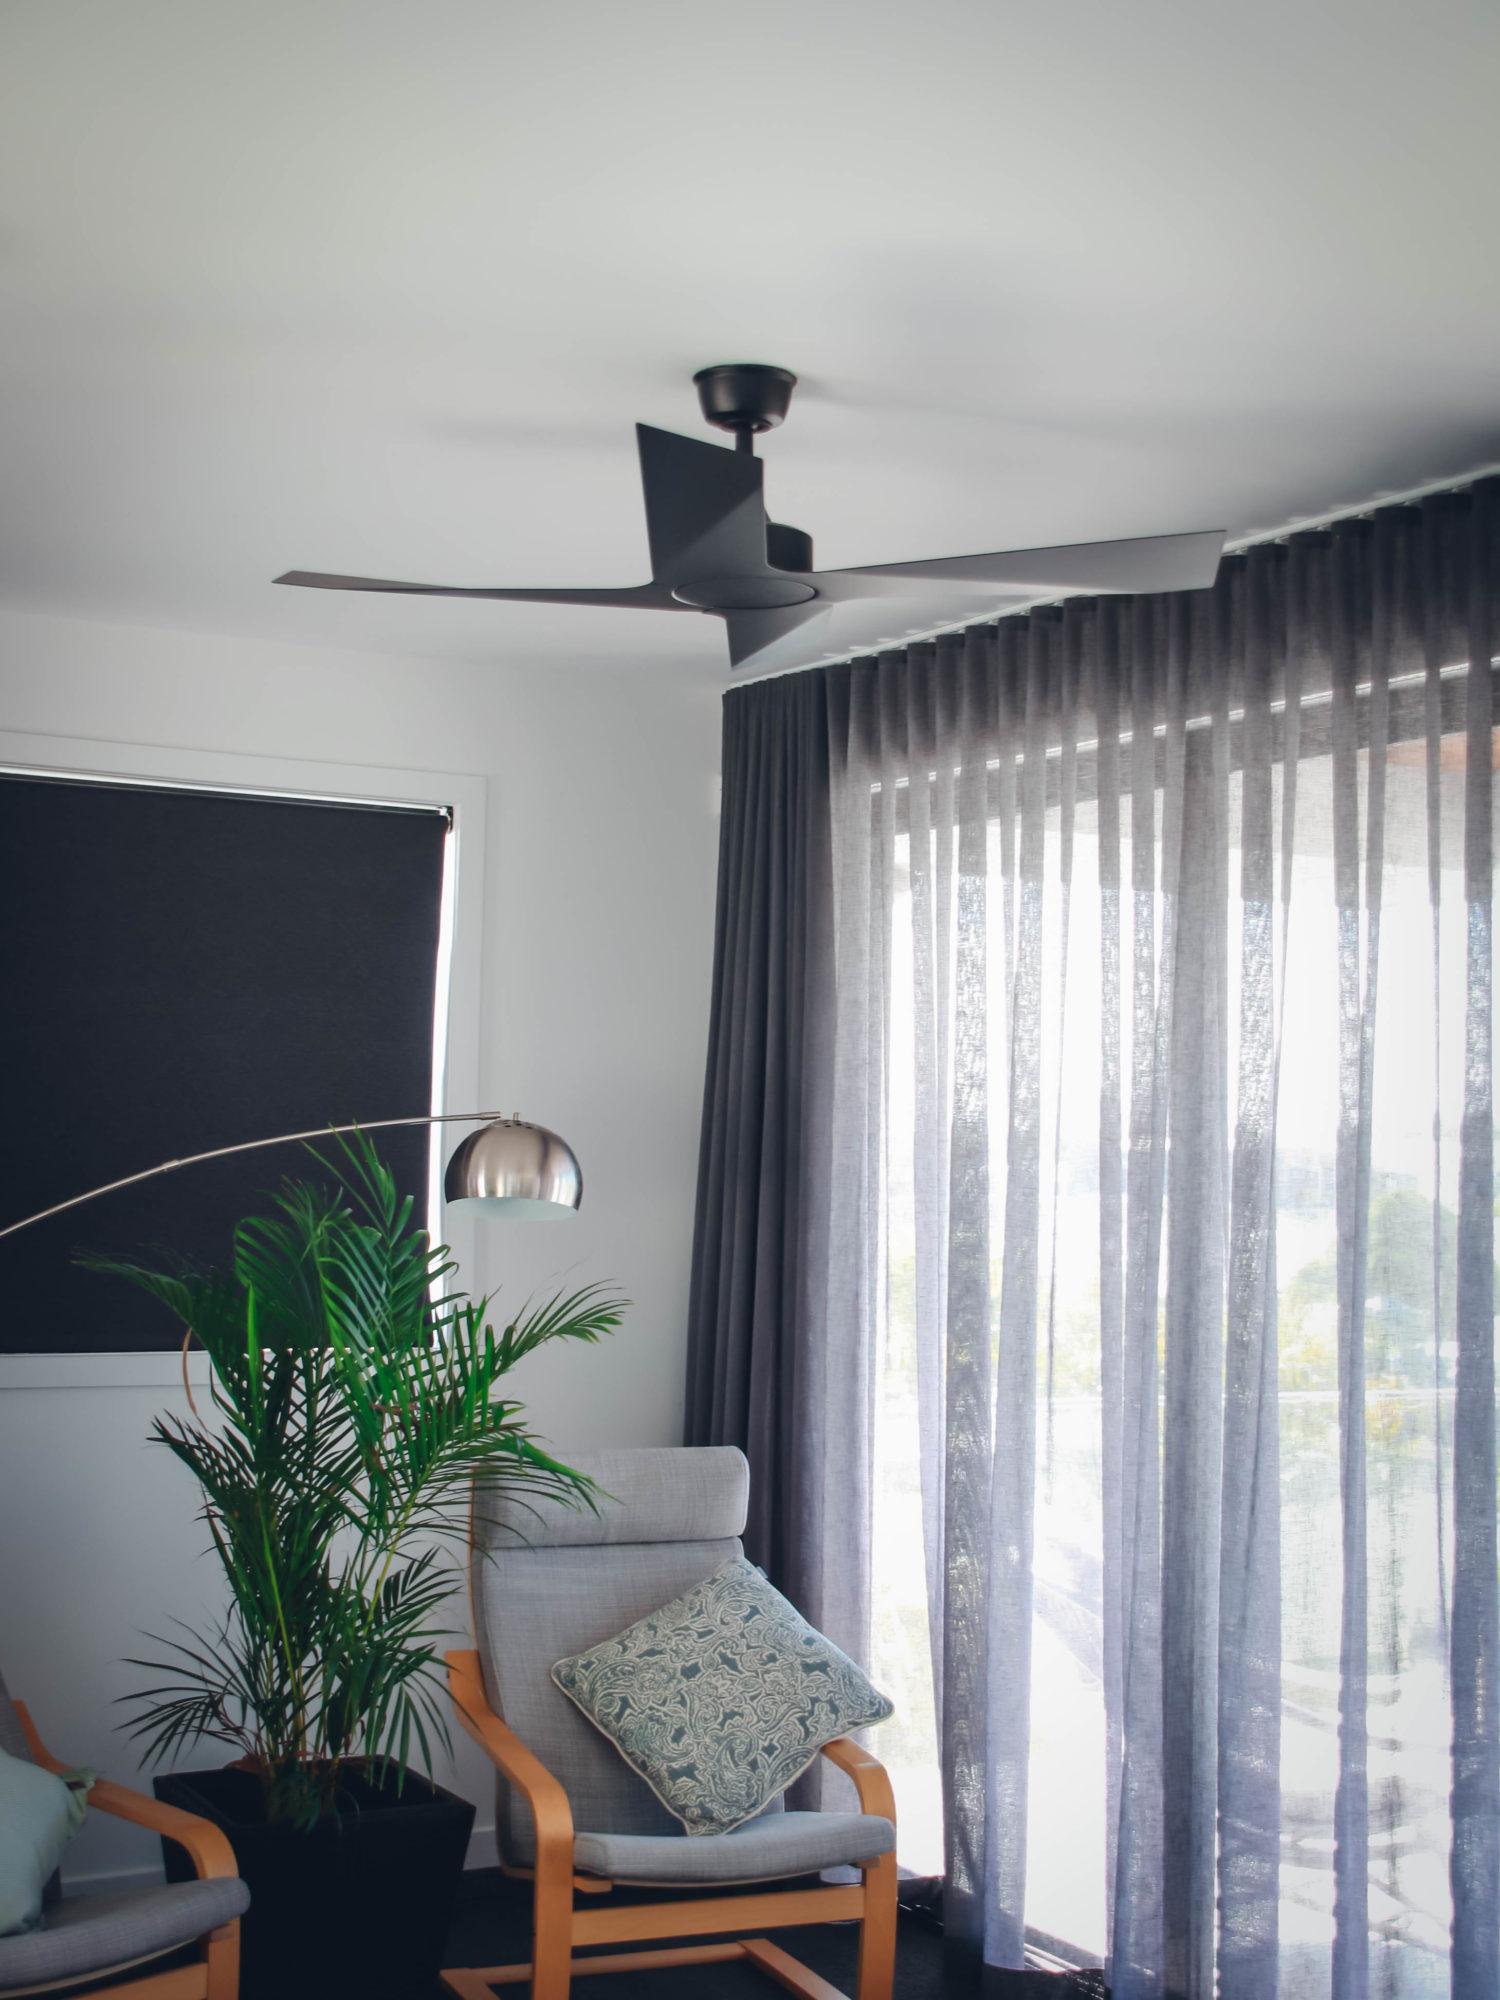 Modn 4 Ceiling Fan 65